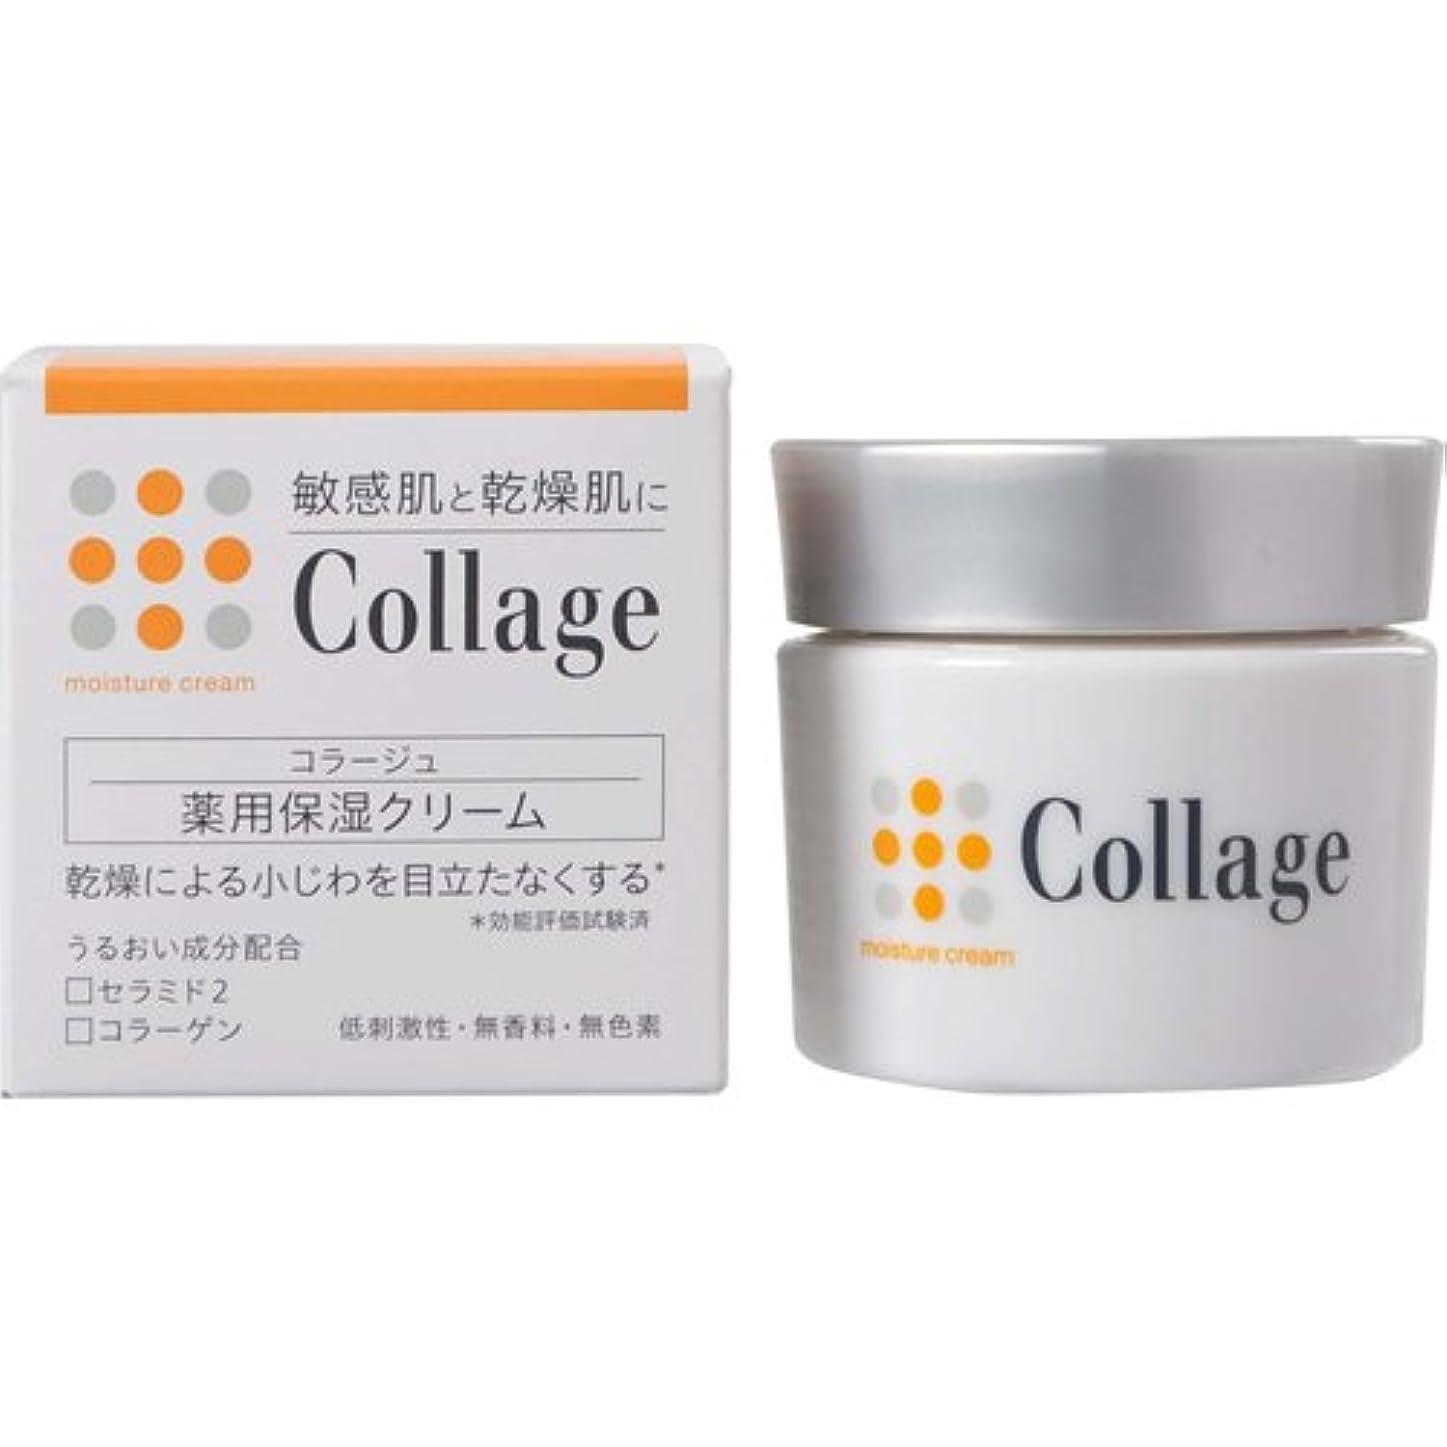 受け入れた略語作詞家コラージュ 薬用保湿クリーム 30g 【医薬部外品】